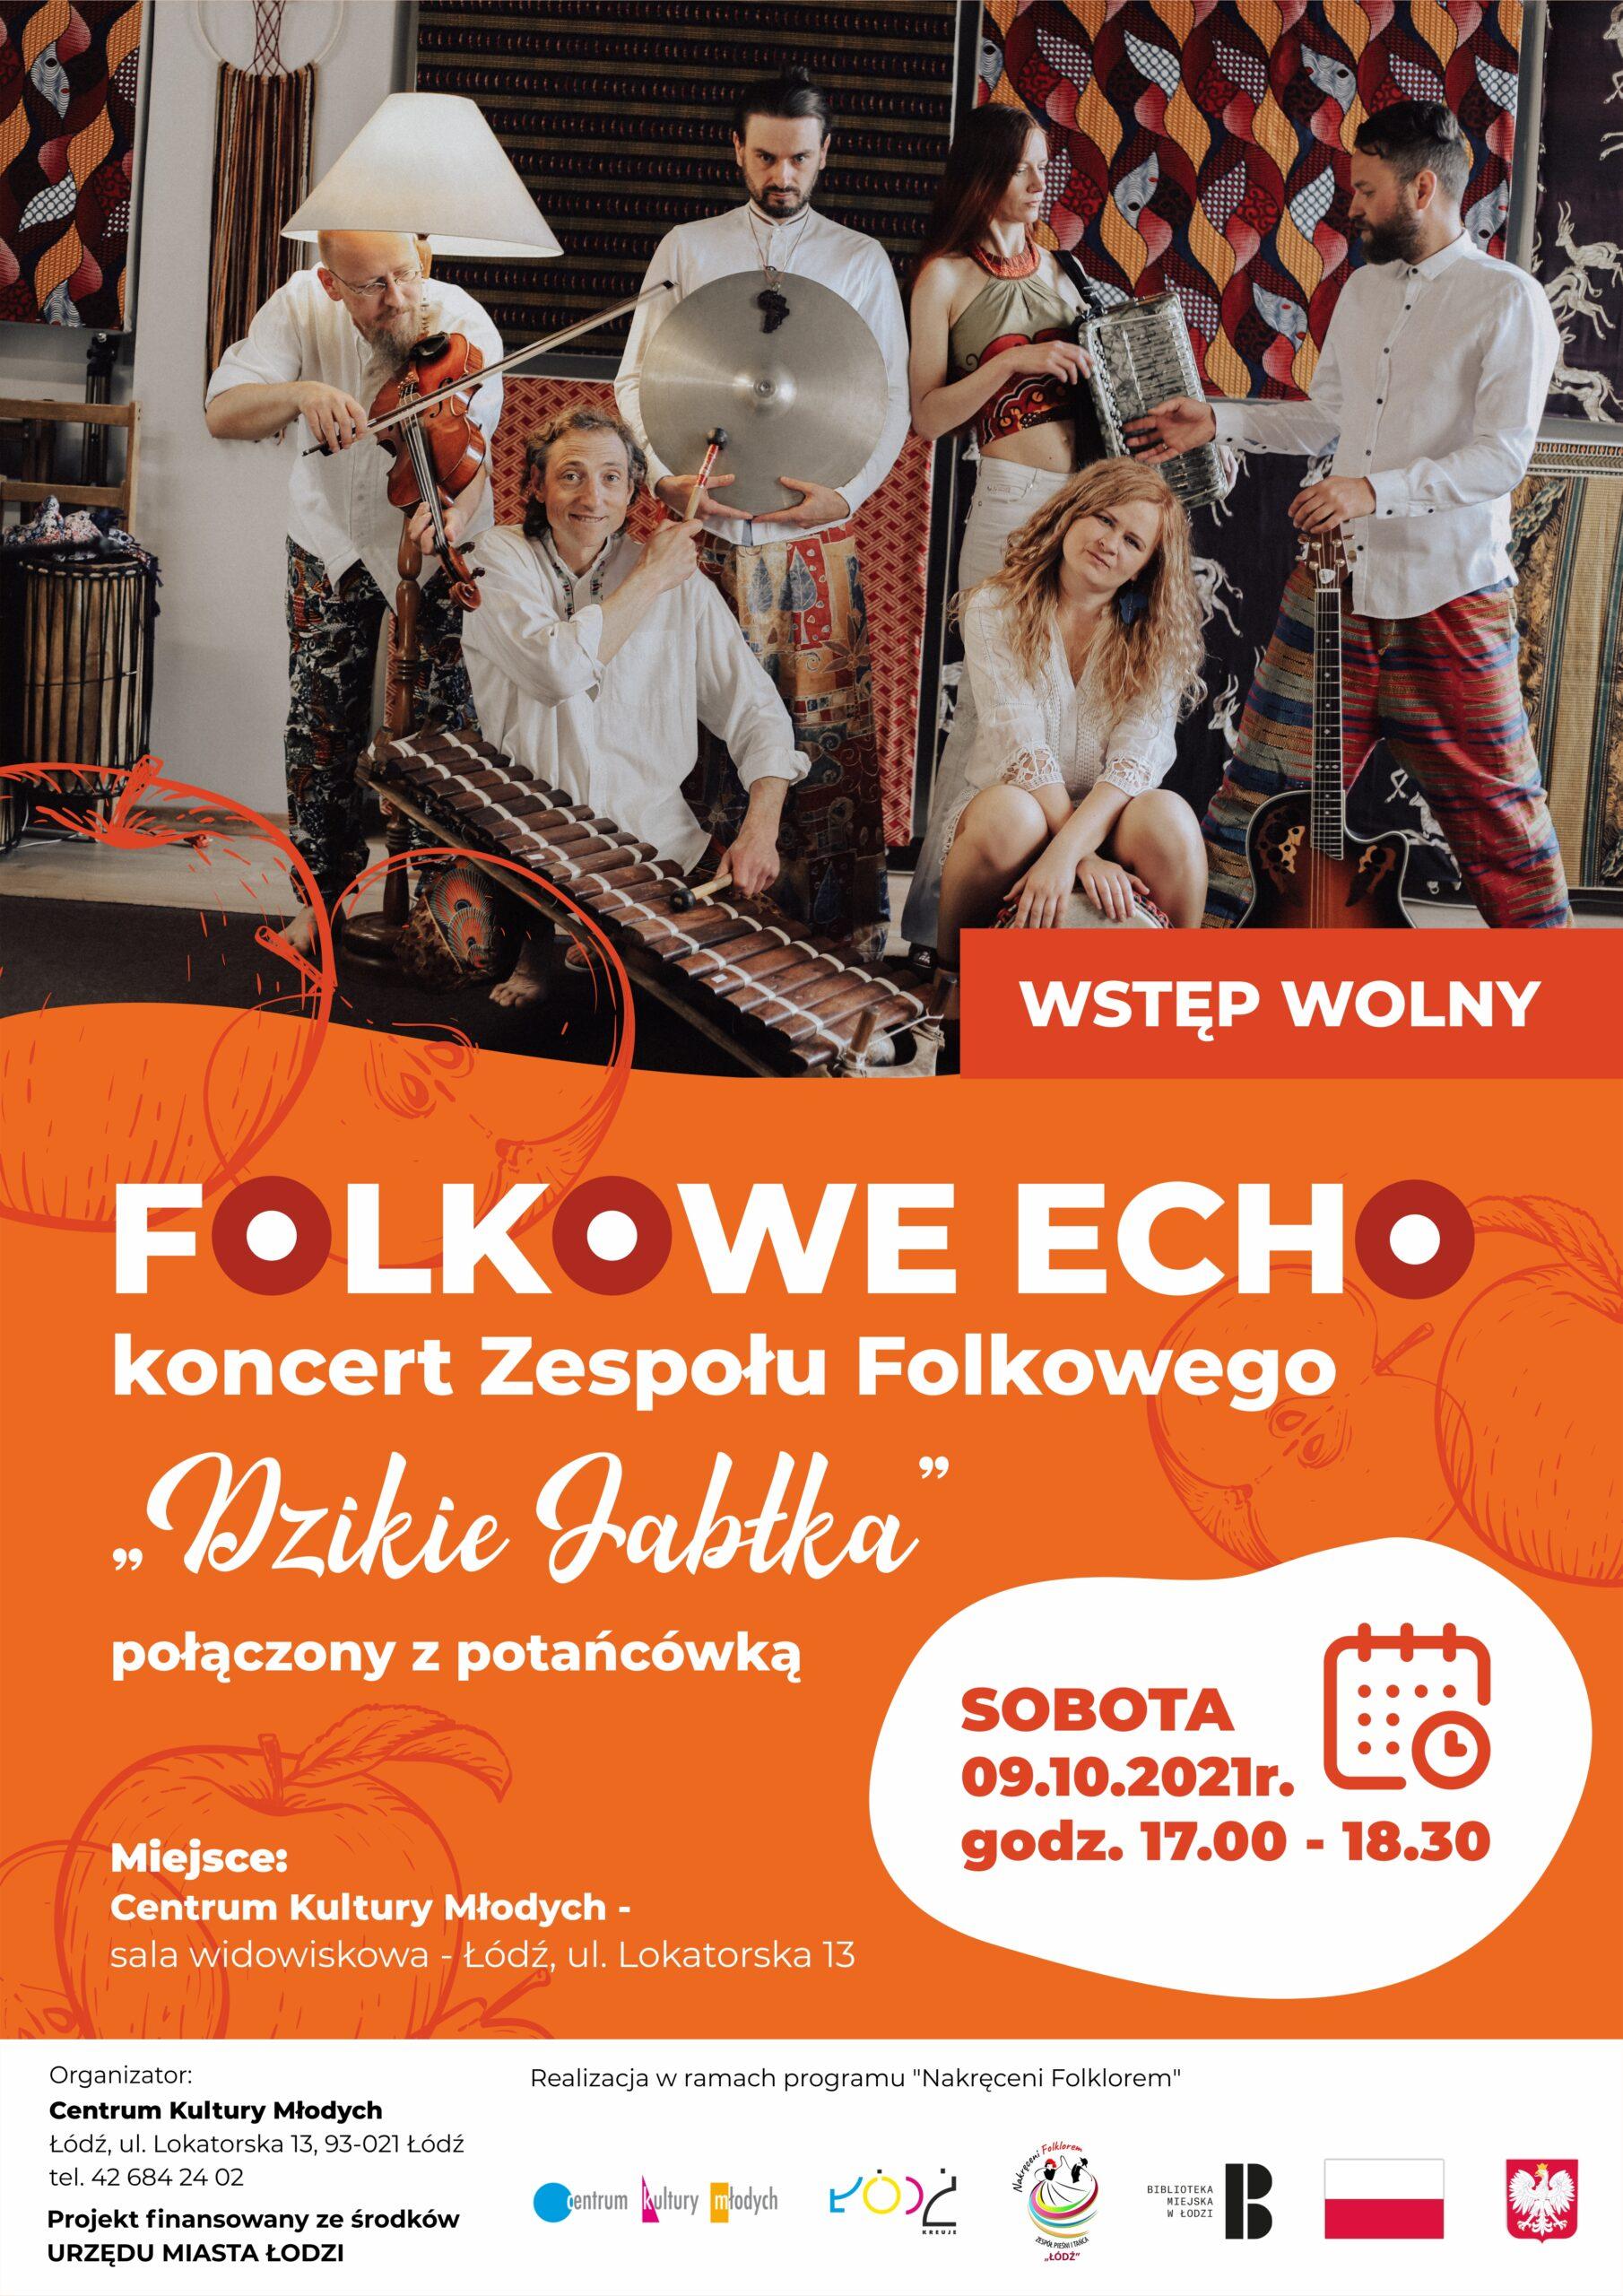 Folkowe Echo - plakat